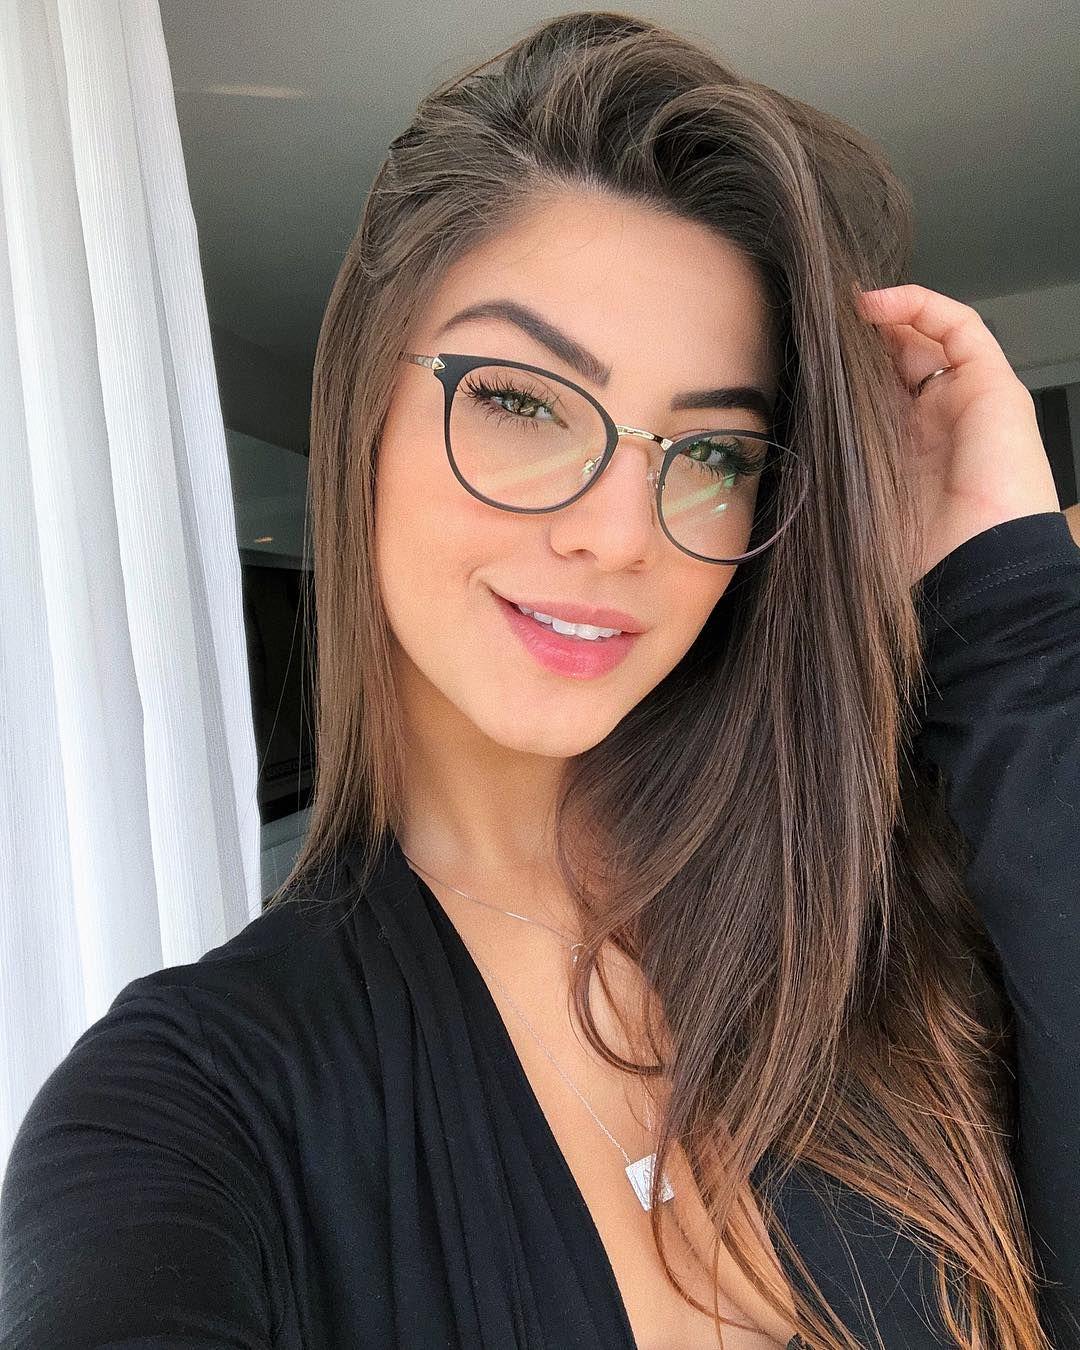 La Imagen Puede Contener 1 Persona Gafas Y Primer Plano Oculos